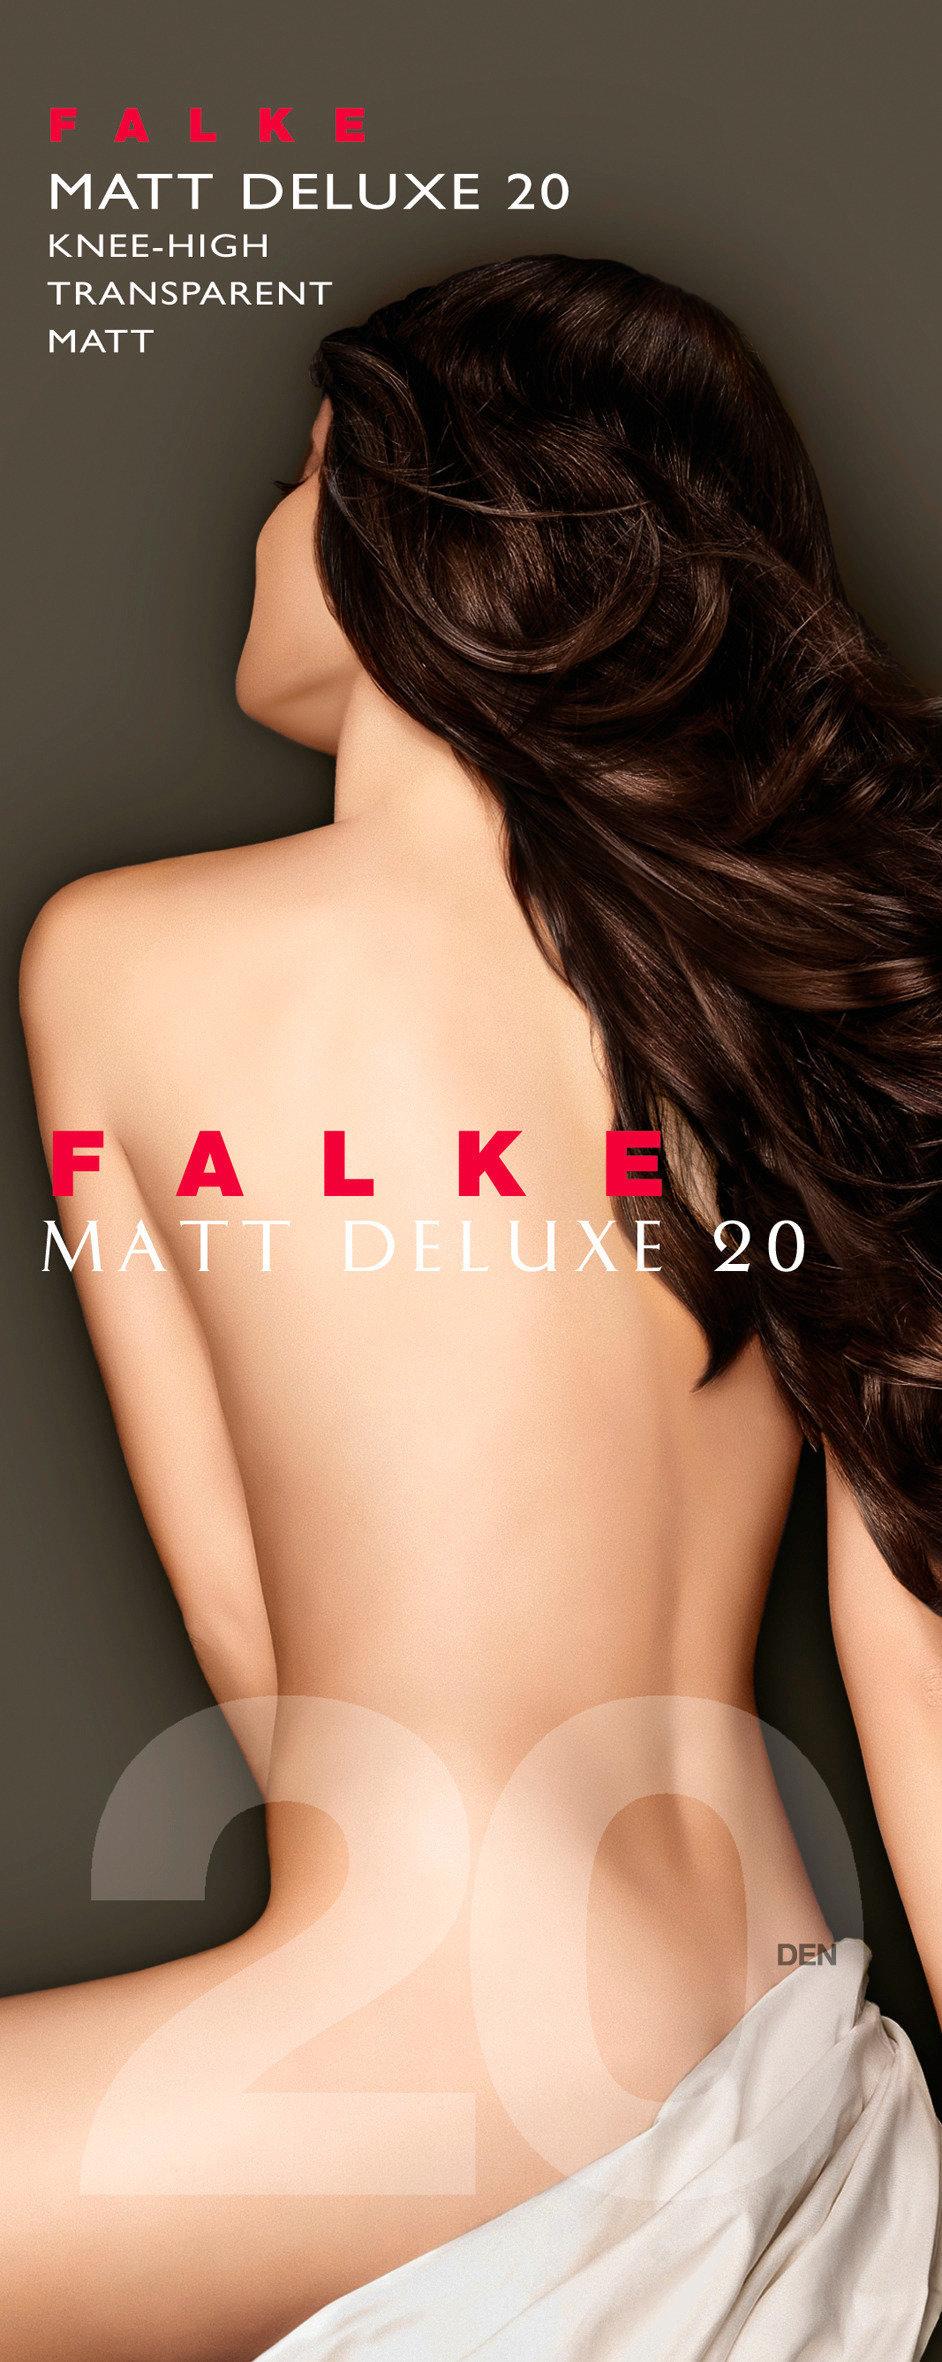 FALKE Matt Deluxe 20 DEN ladies knee socks ANTHRACITE